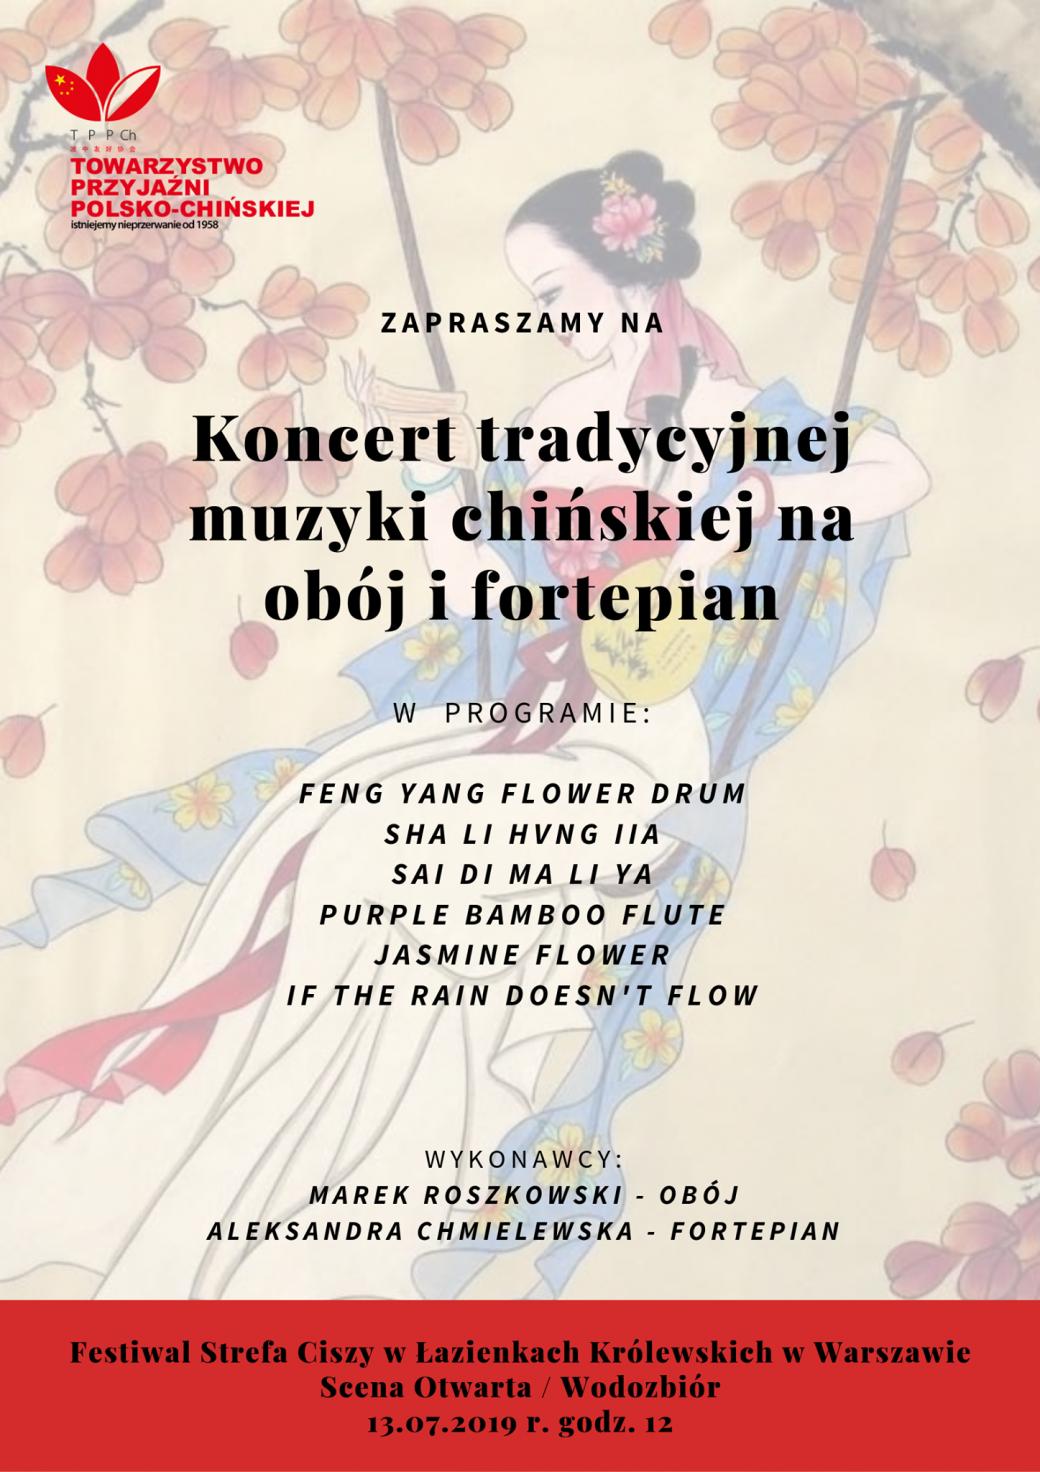 13 Lipca 2019 G 1200 łazienki Królewskie Koncert